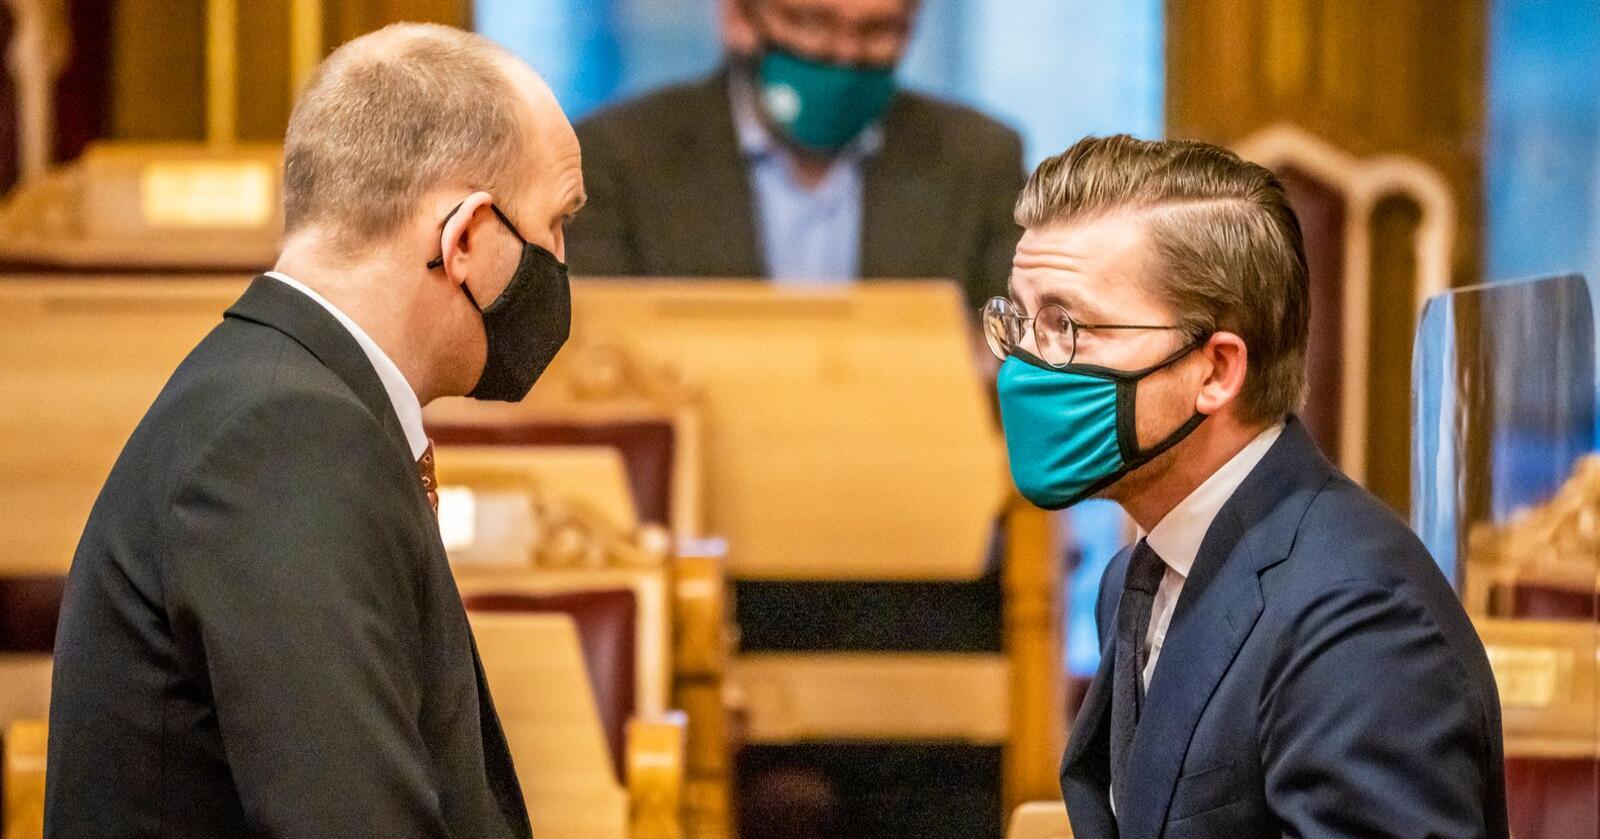 Klima- og miljøminister Sveinung Rotevatn (V) og Jon Georg Dale (FrP) i stortingssalen. Foto: Ole Berg-Rusten / NTB